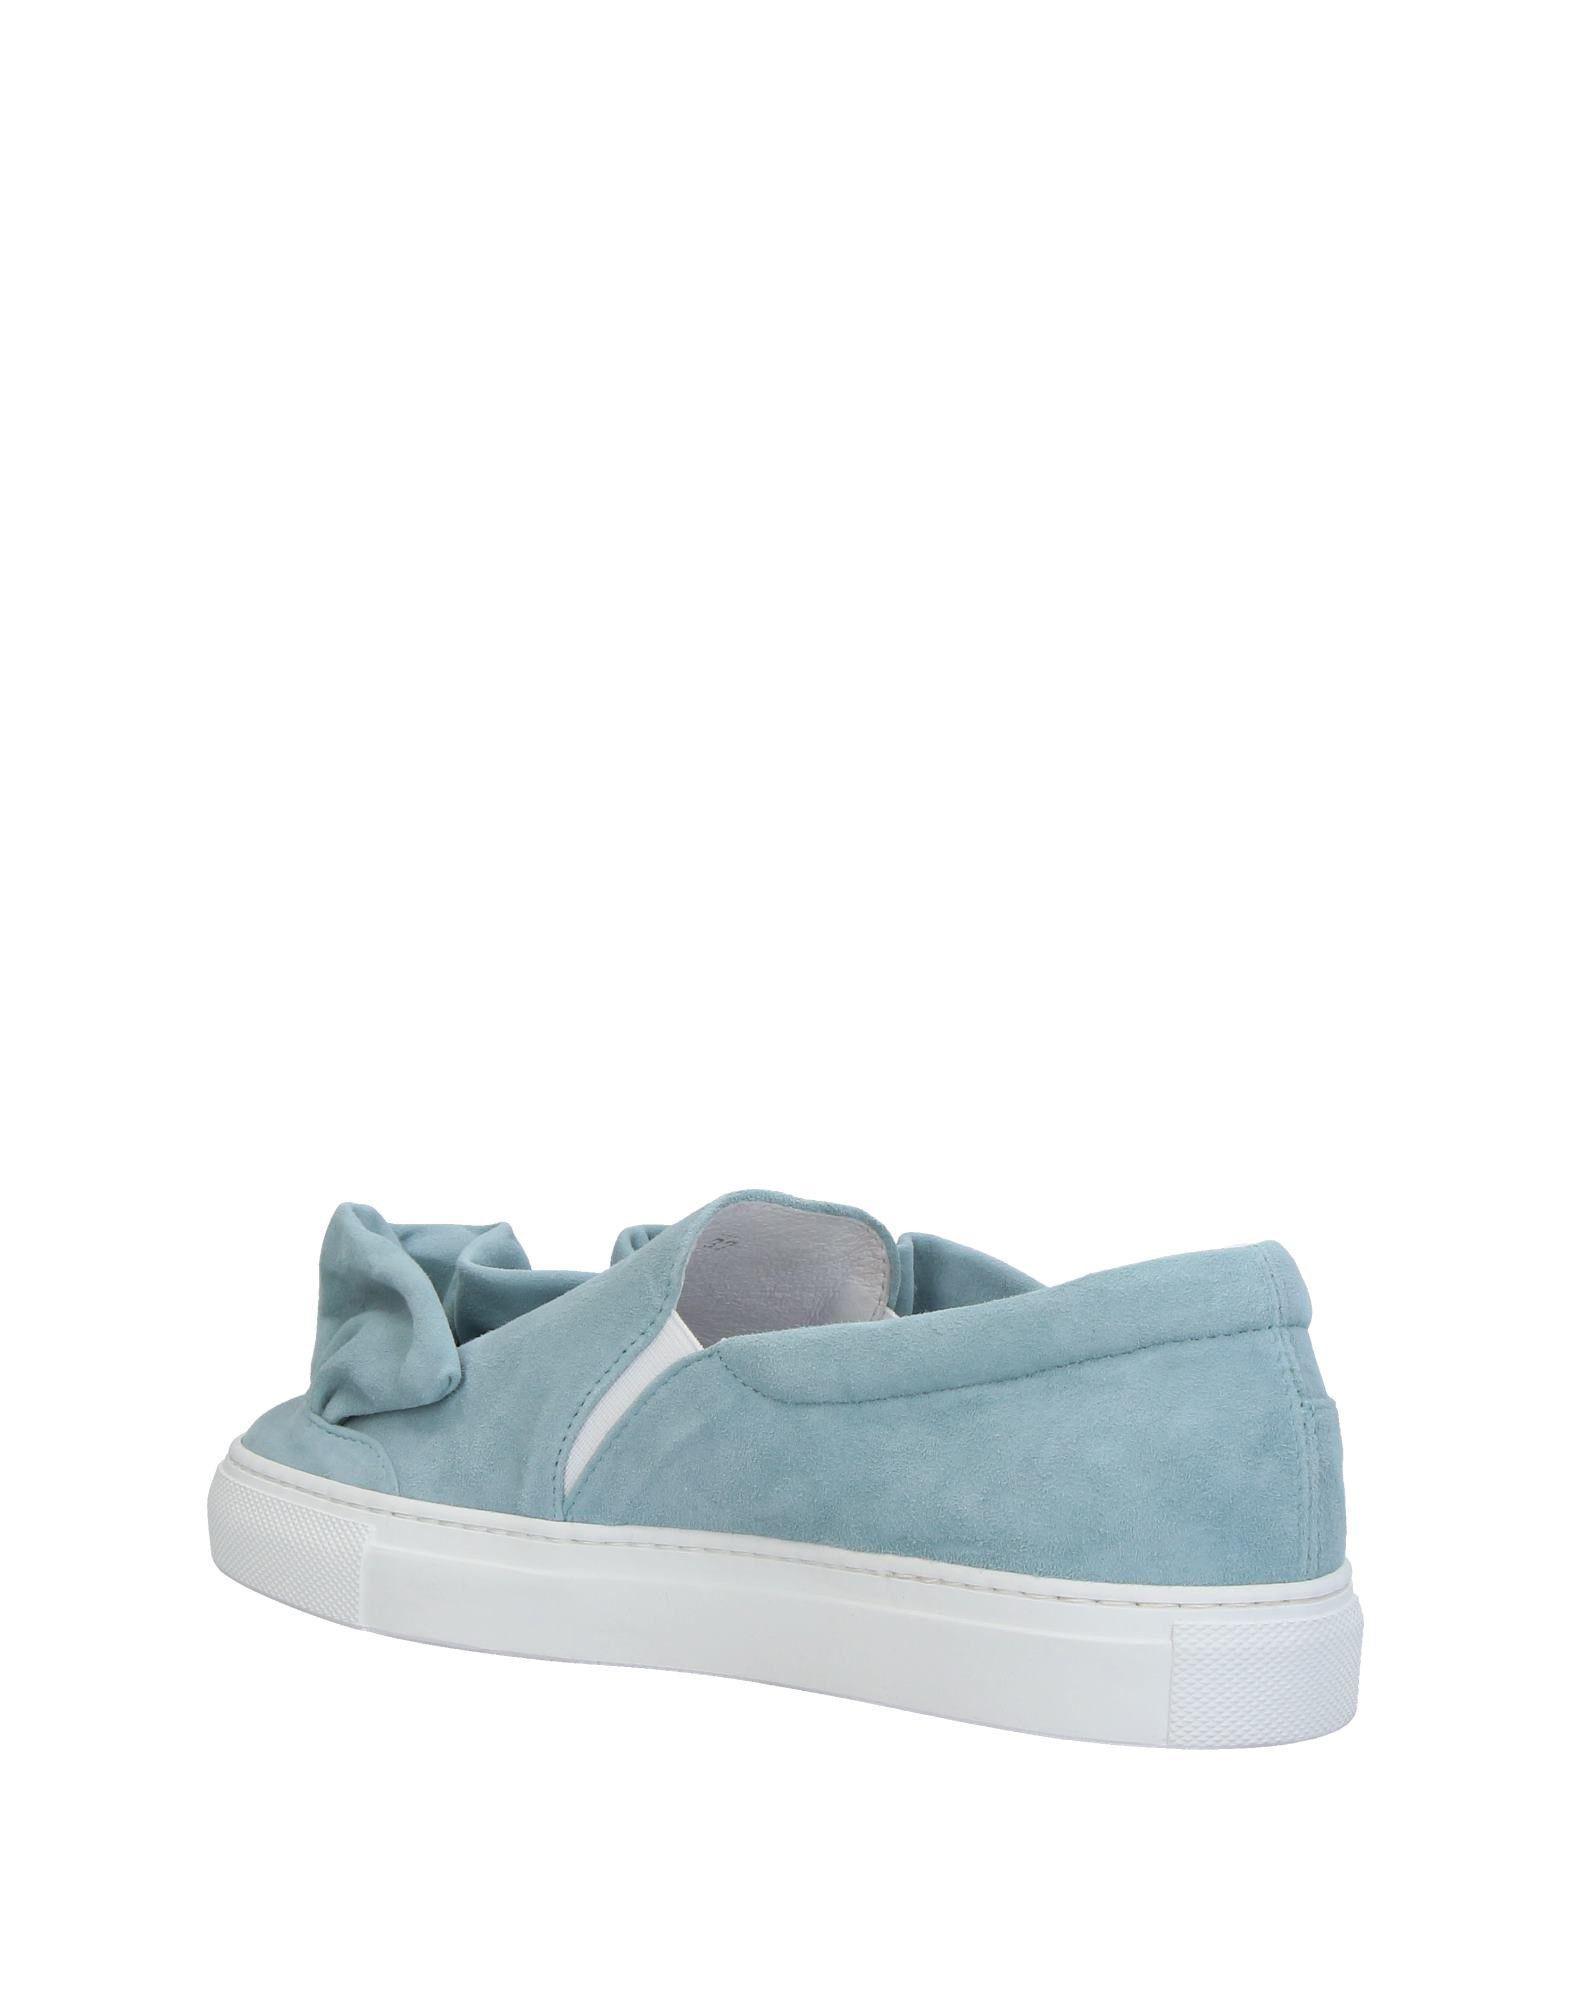 FOOTWEAR - Low-tops & sneakers Via Vela 14 GEaOMOsXwm